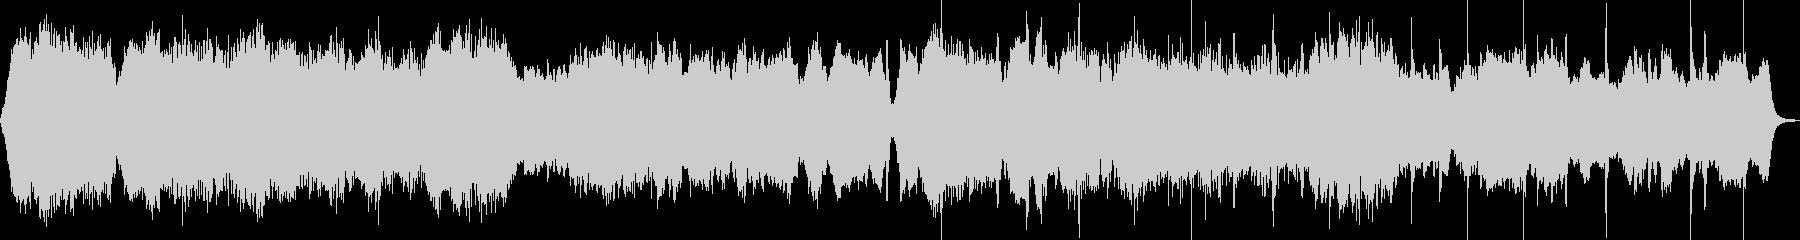 ストリングスによる粛々とした曲の未再生の波形